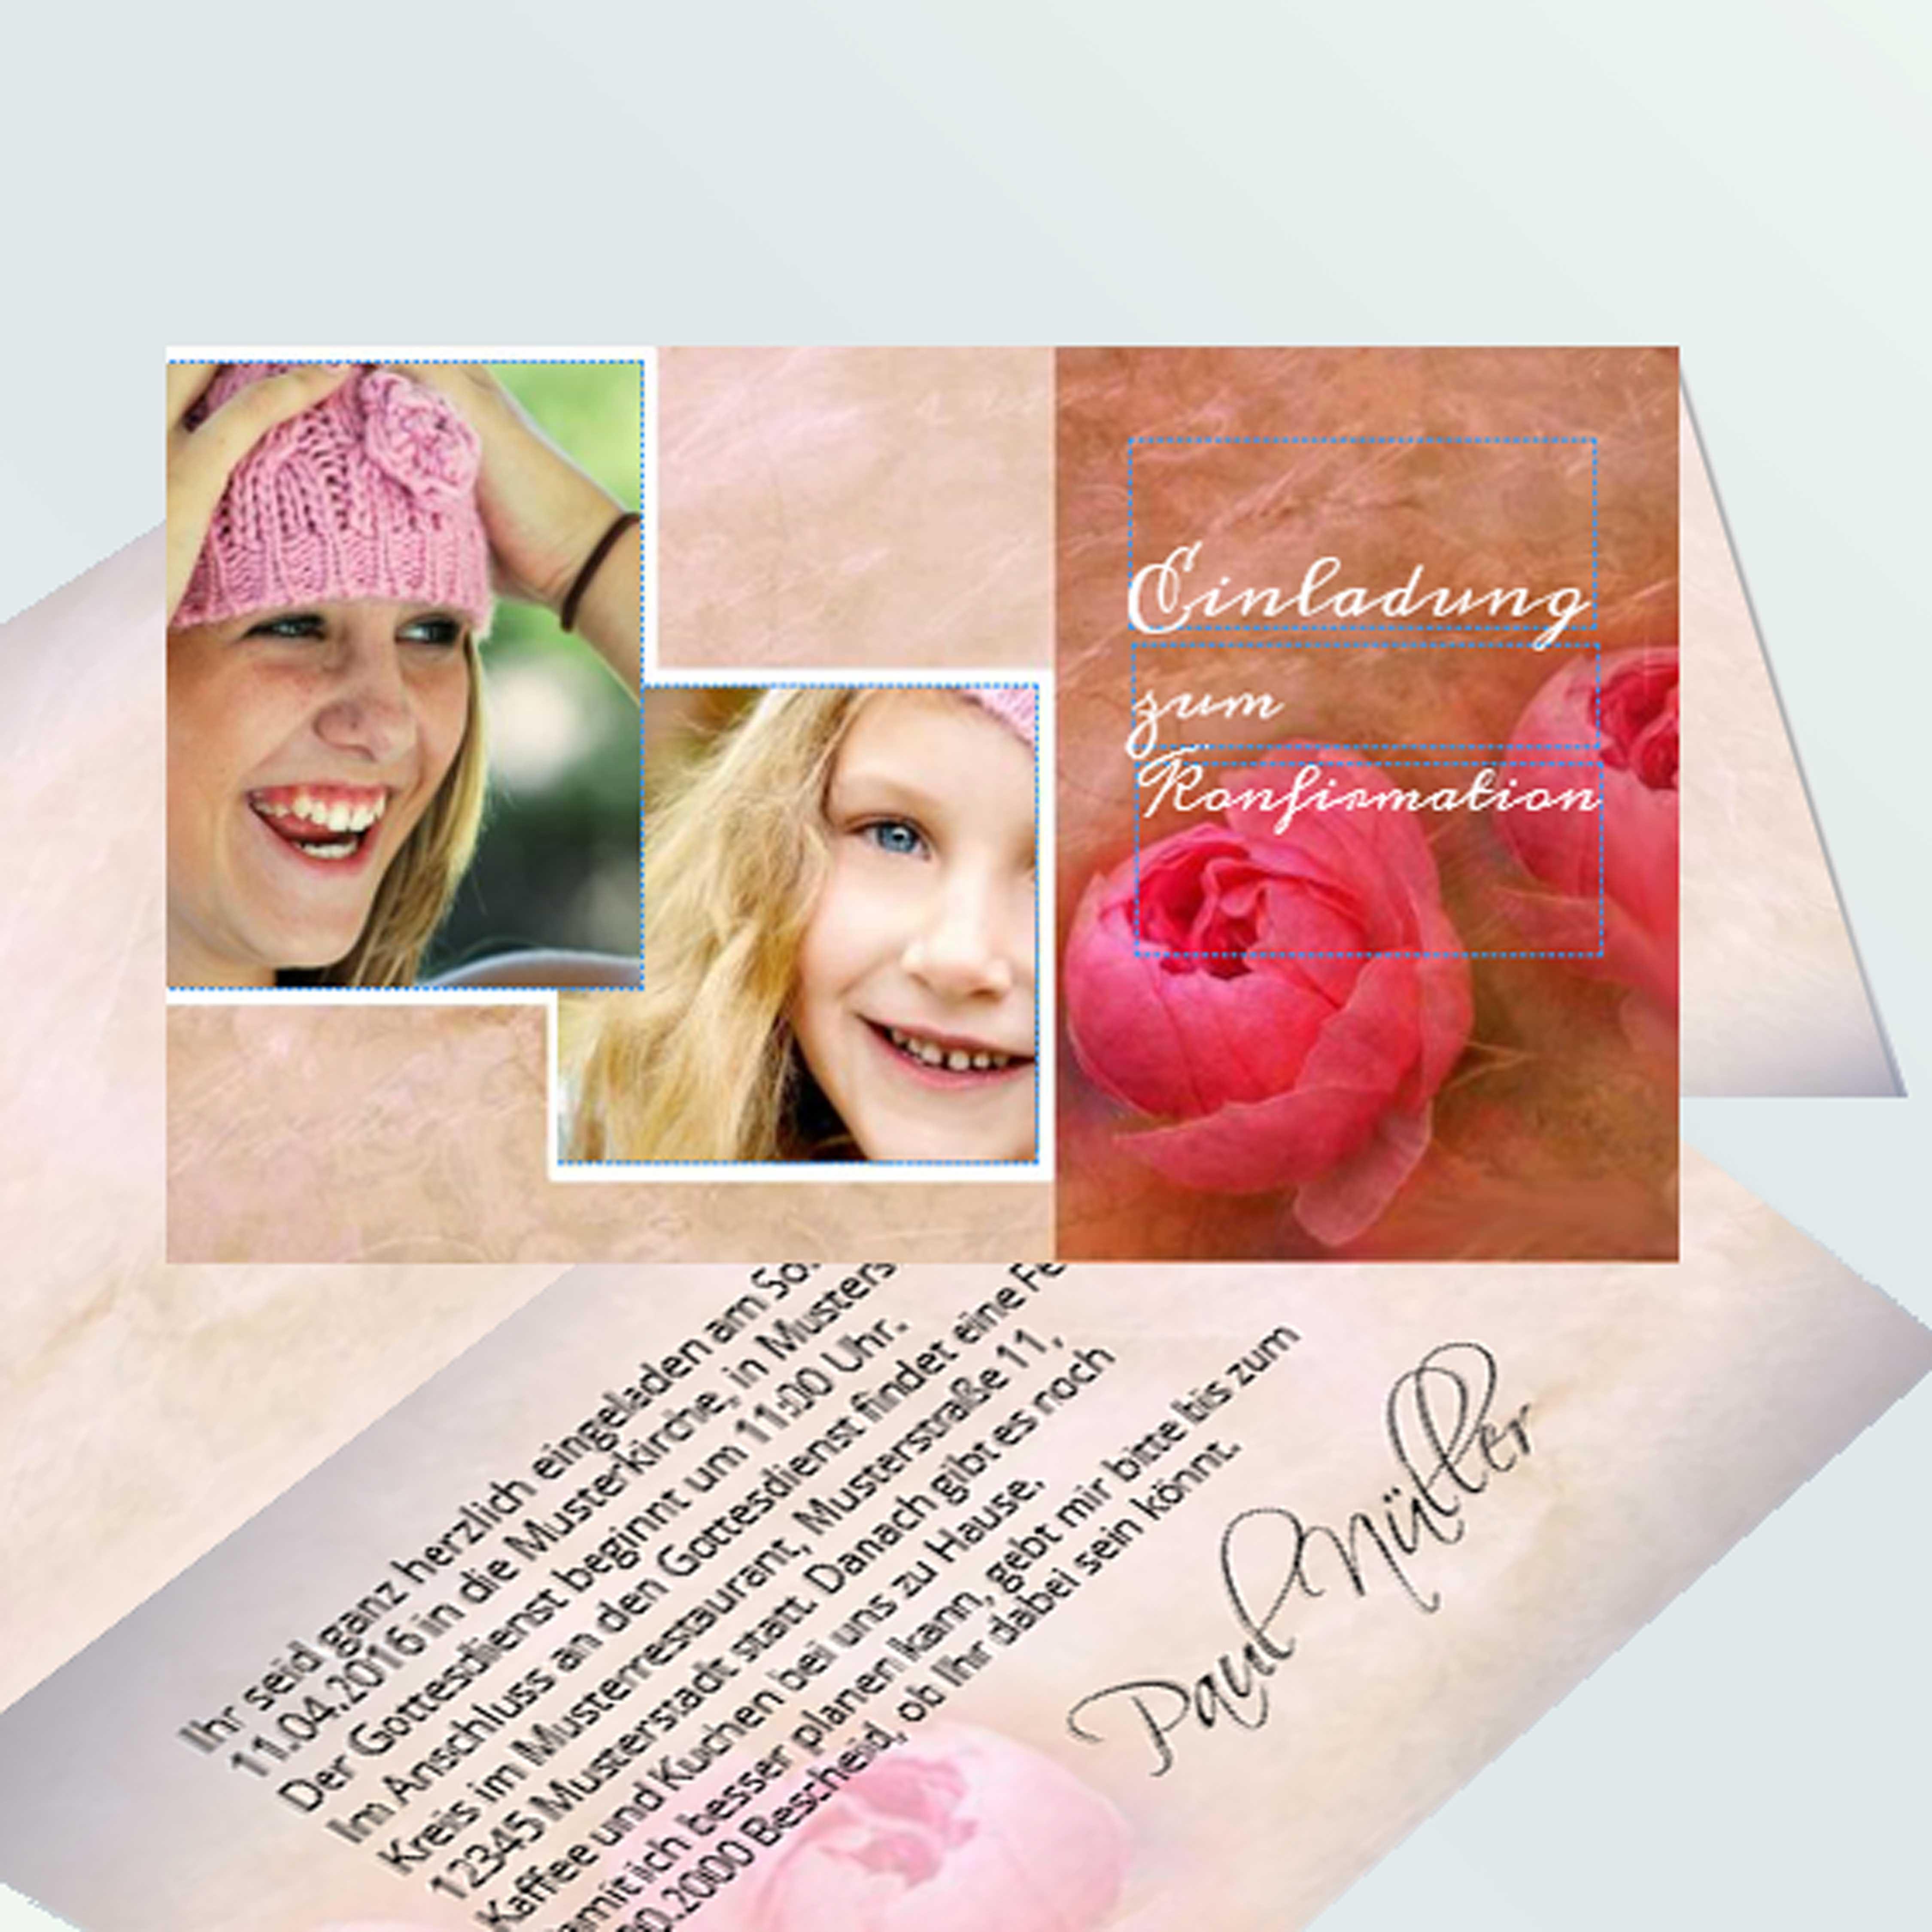 Einladungskarten Zur Konfirmation Selbst Gestalten: Einladungen Konfirmation Gestalten